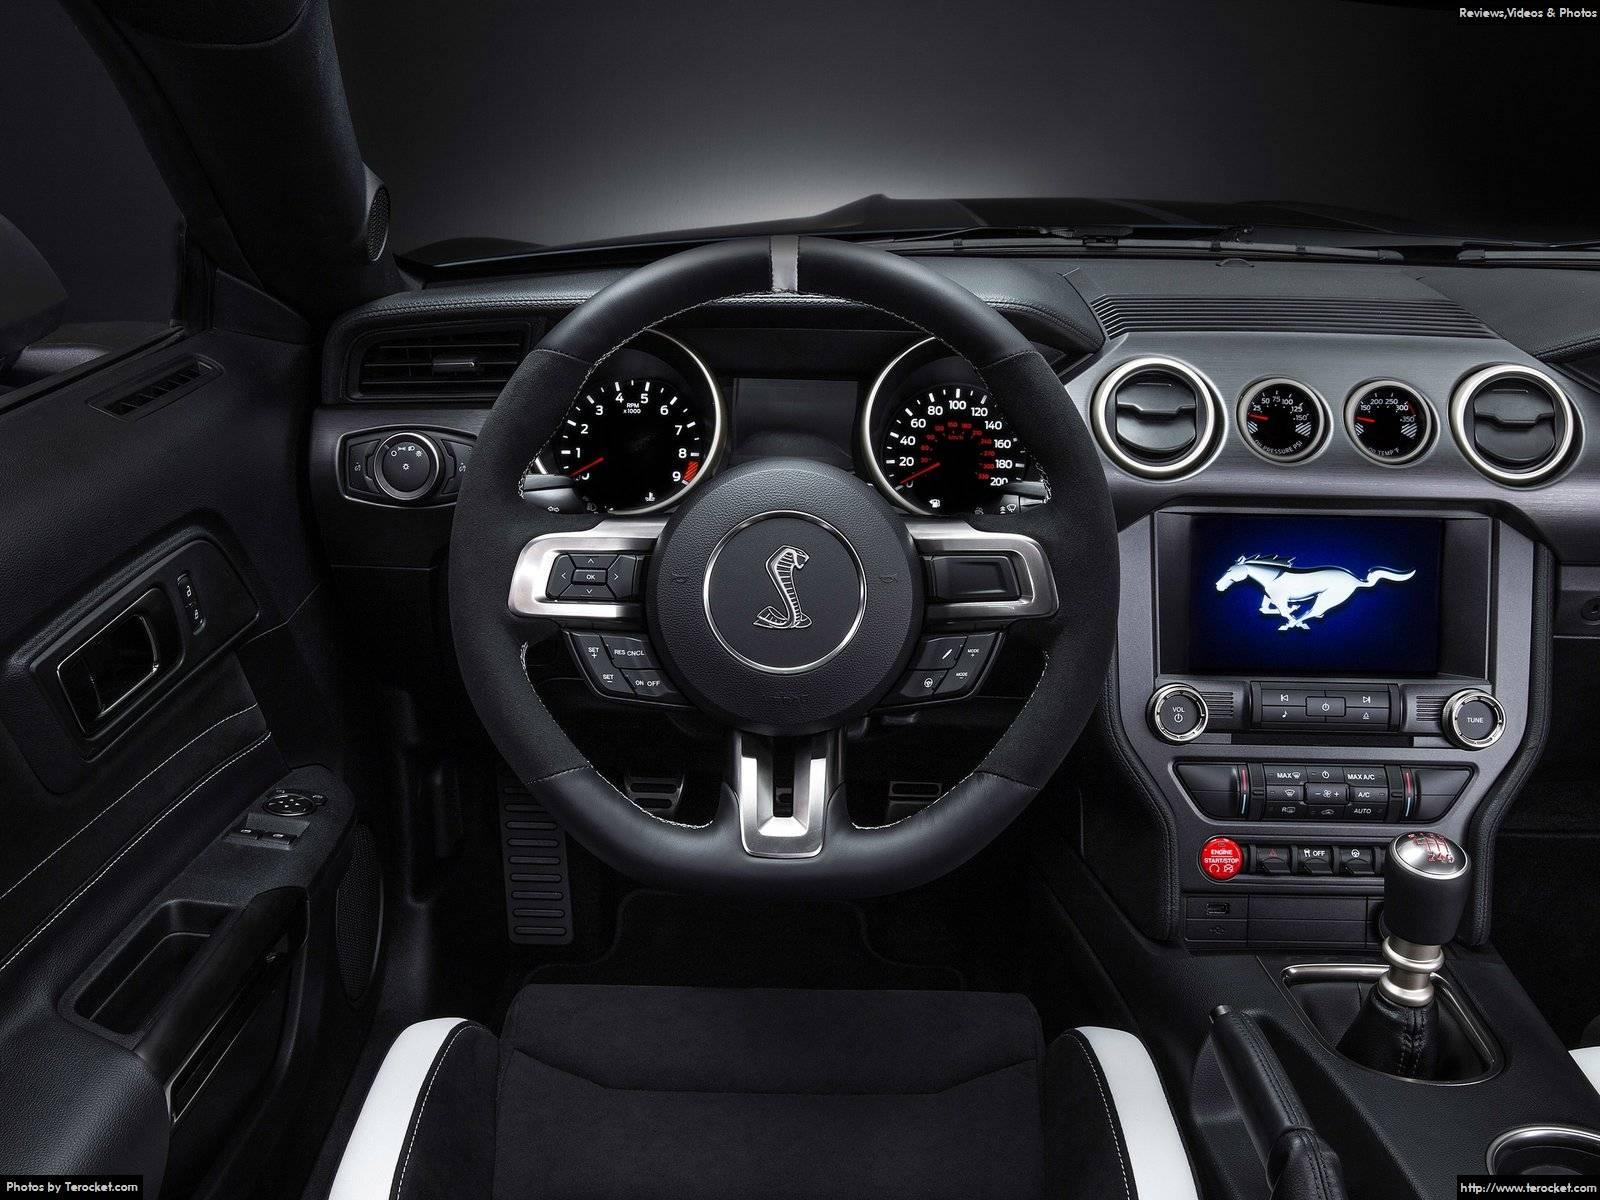 Hình ảnh xe ô tô Ford Mustang Shelby GT350R 2016 & nội ngoại thất